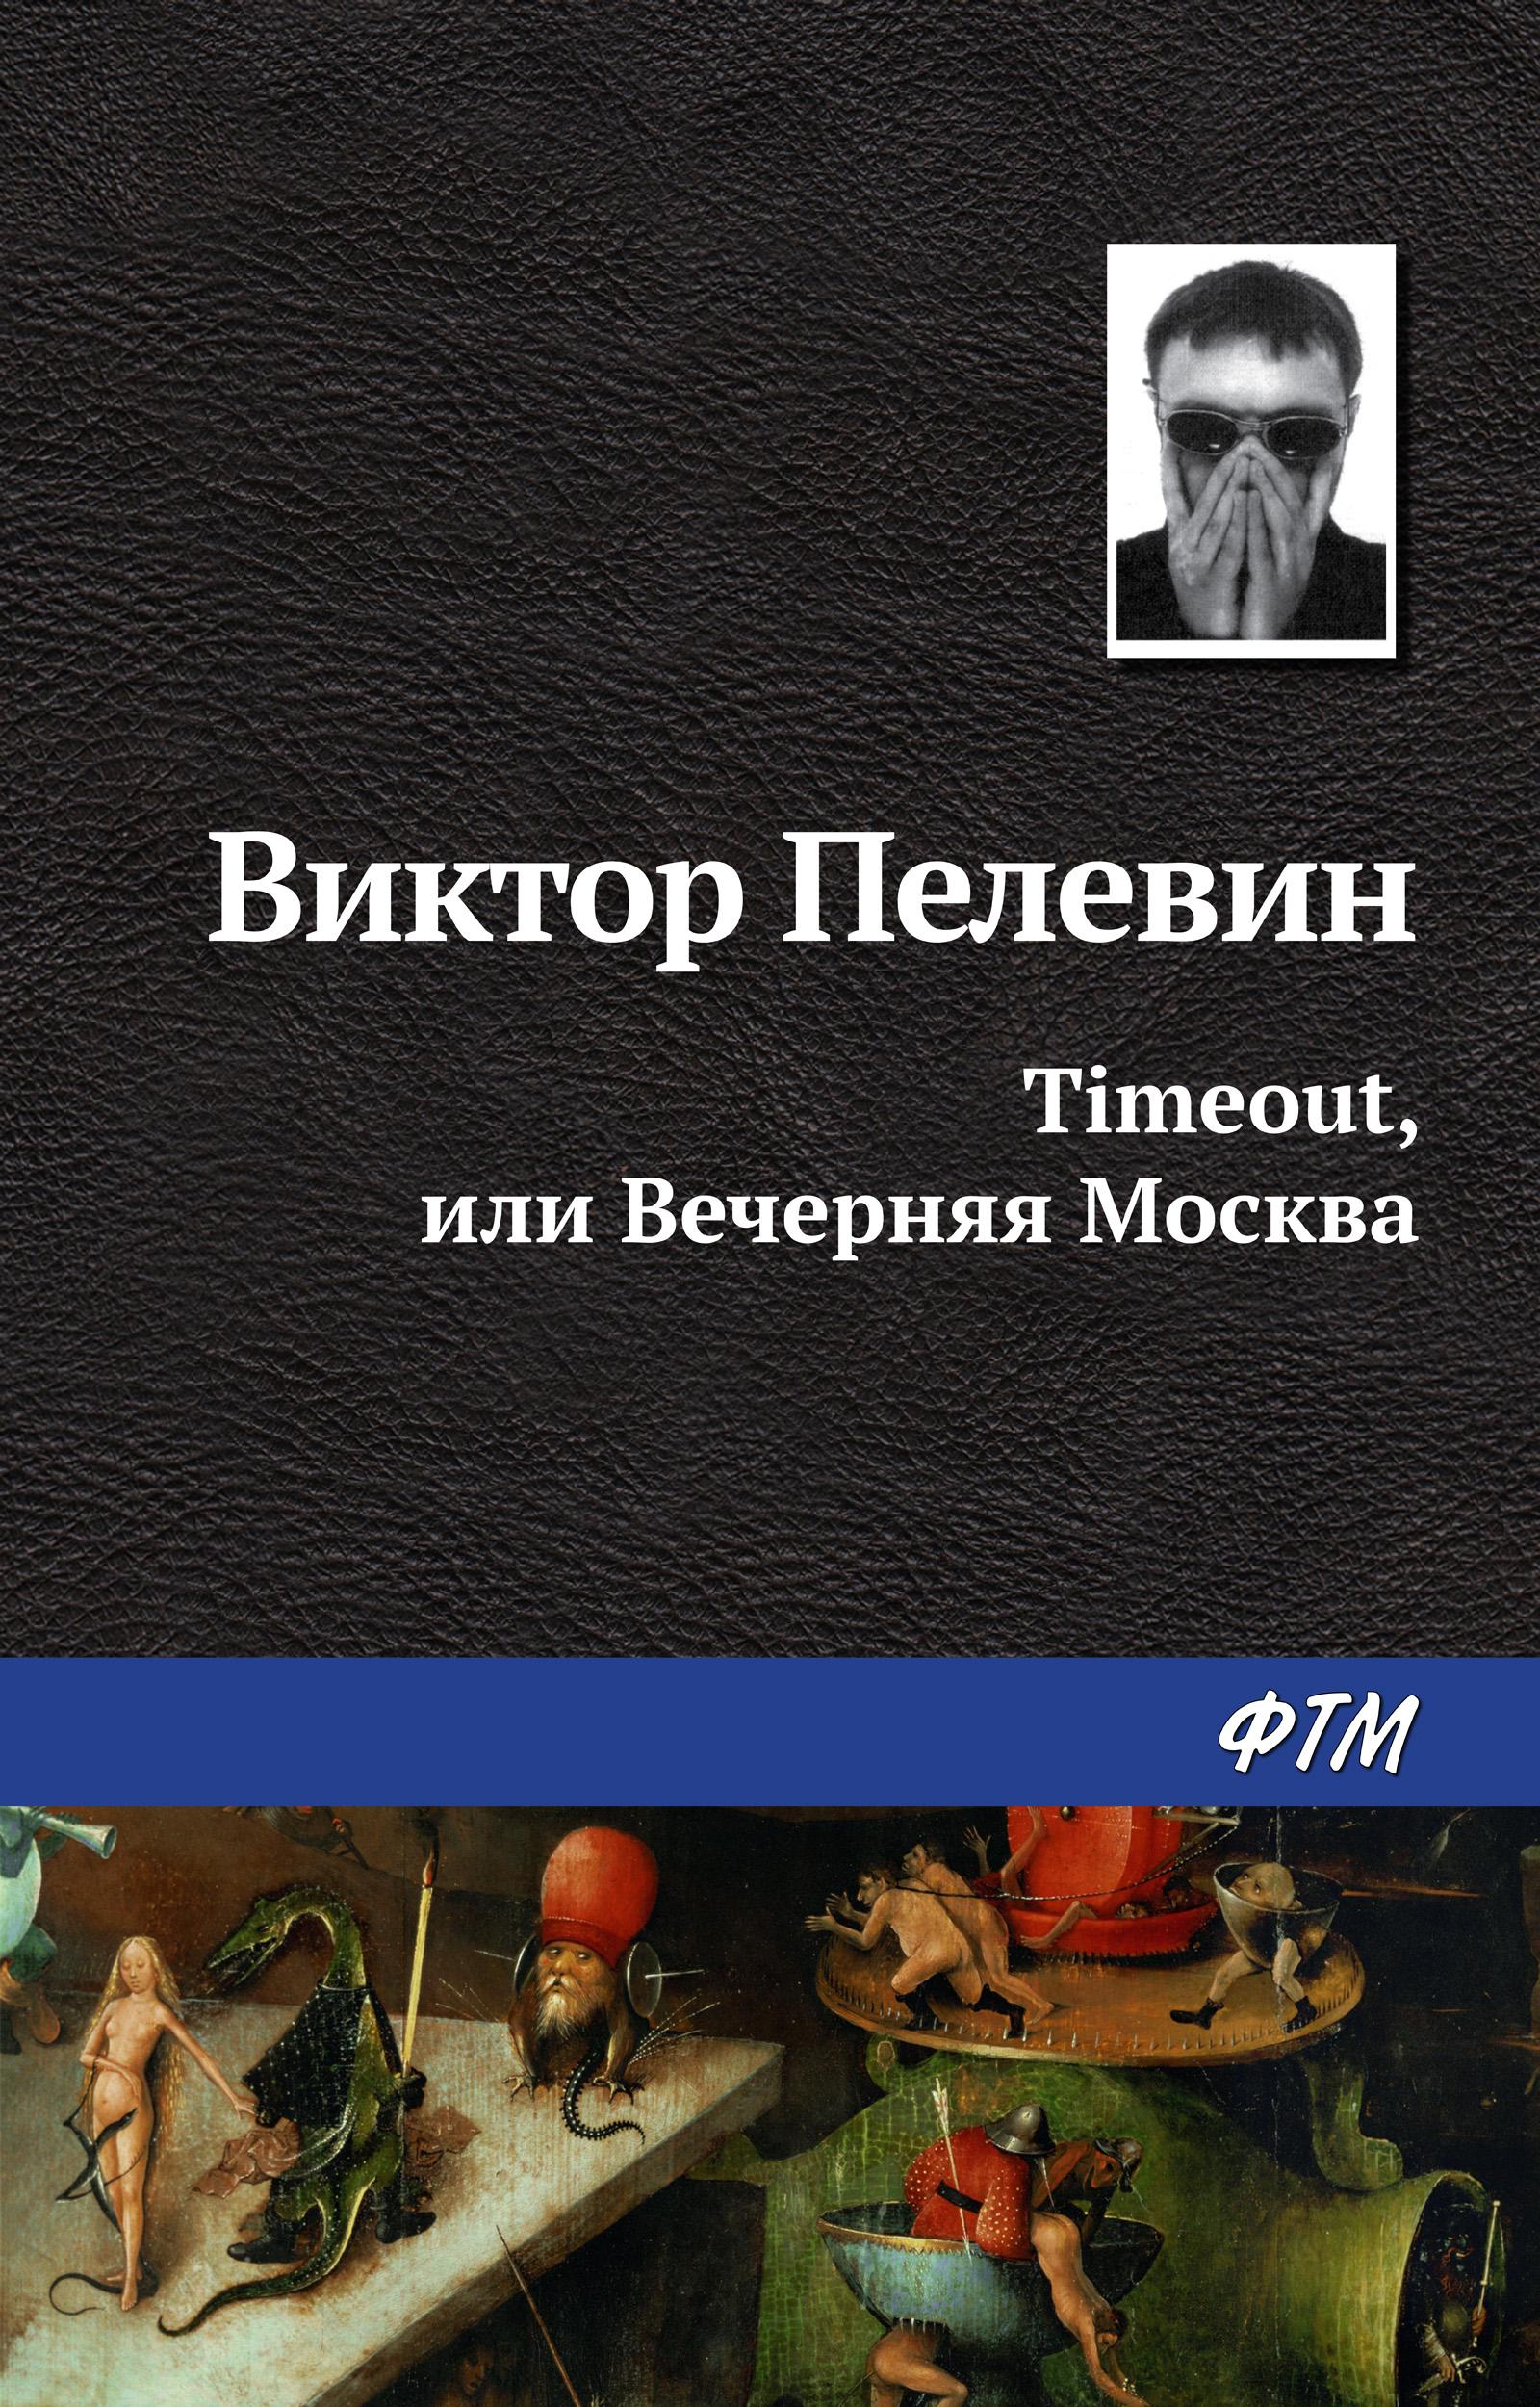 Виктор Пелевин Timeout, или Вечерняя Москва кастрюля эмалированная 4 0 л appetite bird 6rd201m